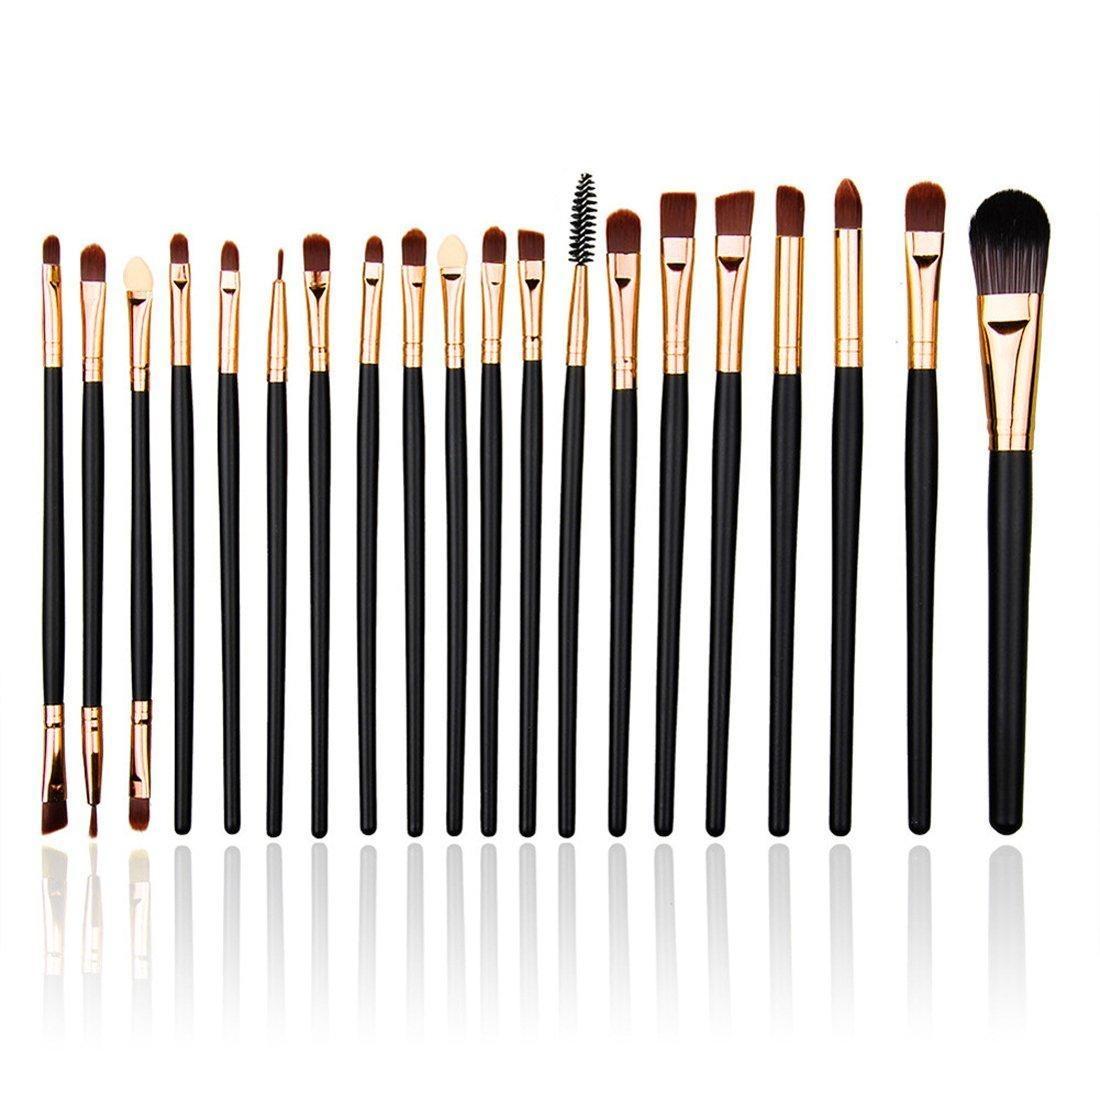 YOY Fashion Makeup Brush Set - Professional Kabuki Brushes Kit Foundation Blending Blush Contour Concealer Eyeliner Face Powder Cosmetics Beauty Tools,20 Pcs Black Rose-gold